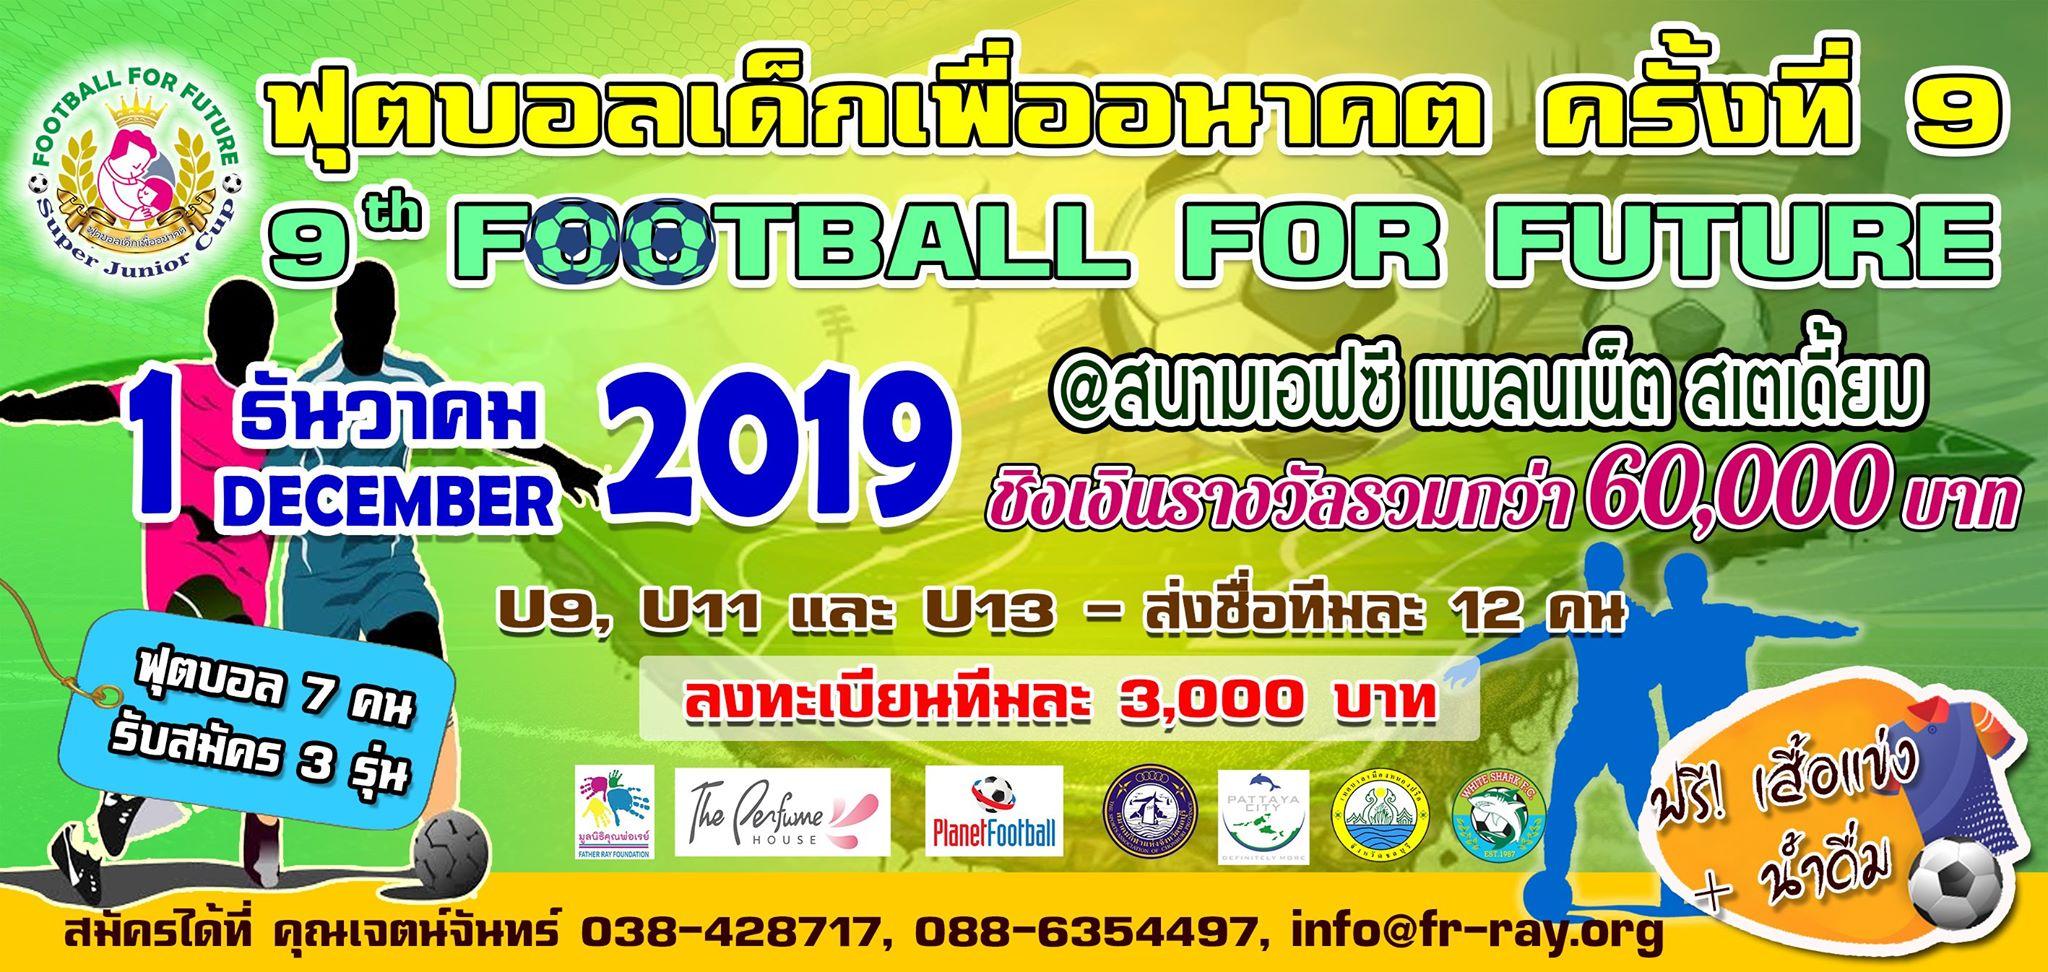 ฟุตบอลเด็กเพื่ออนาคต ครั้งที่ 9